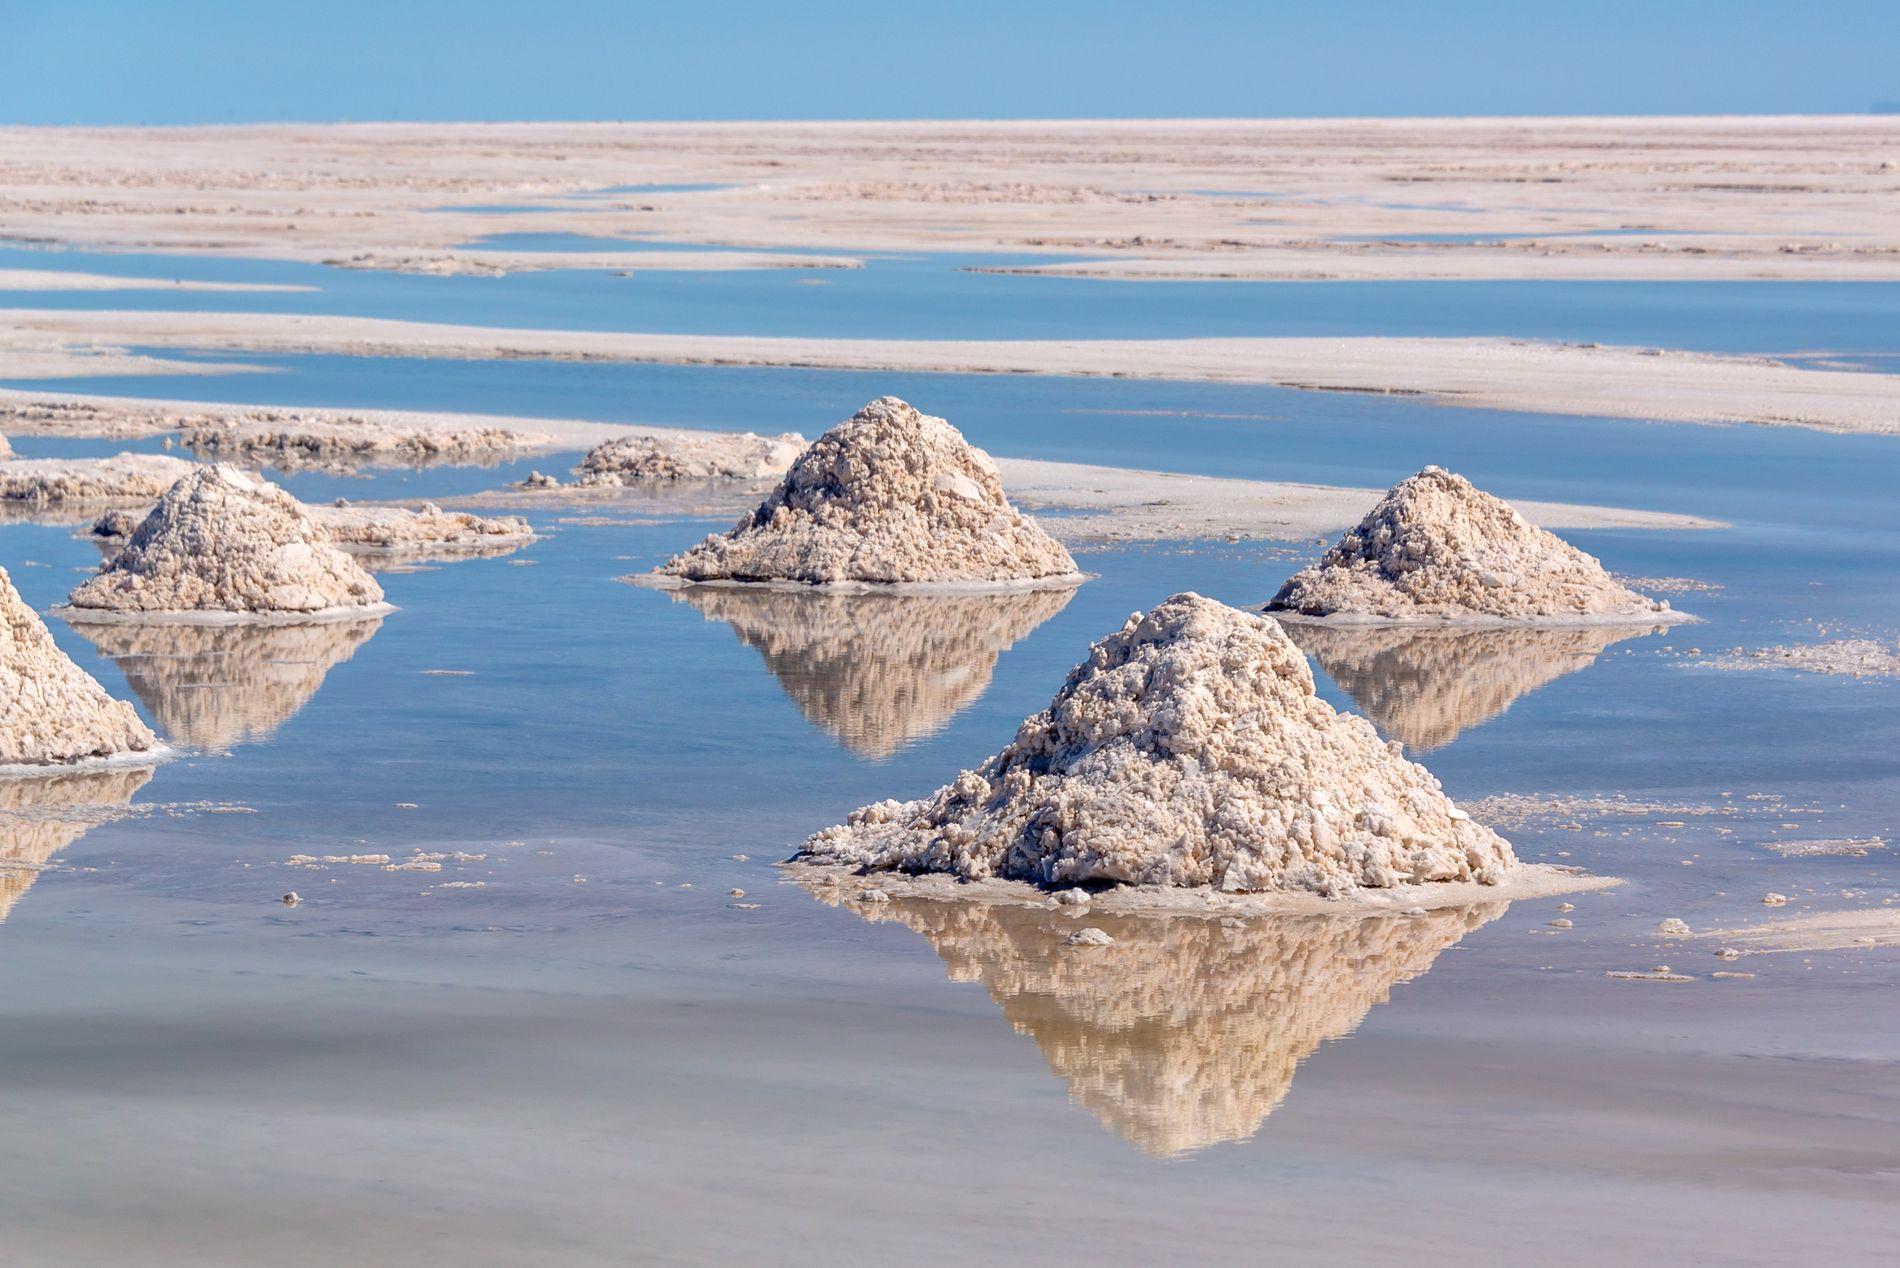 En Bolivie, le salar d'Uyuni est la plus grande réserve de lithium, qui permet notamment la ...